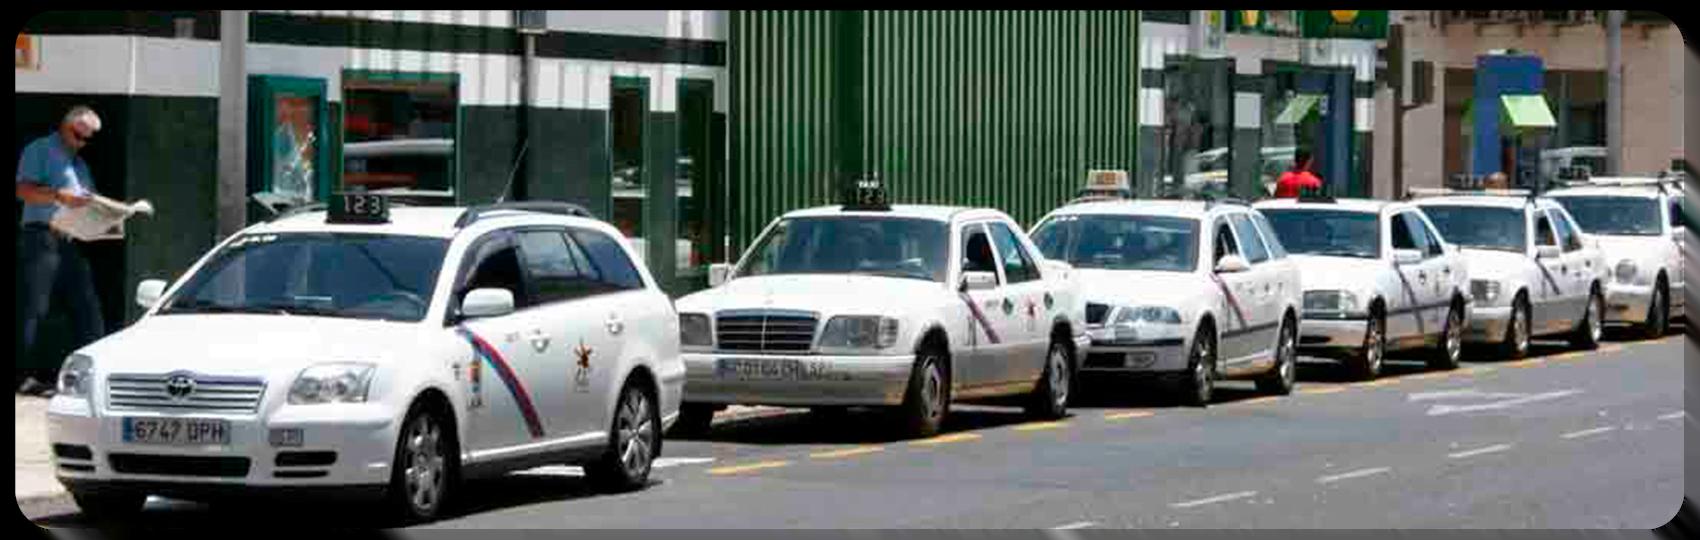 Noticias del taxi en Lanzarote